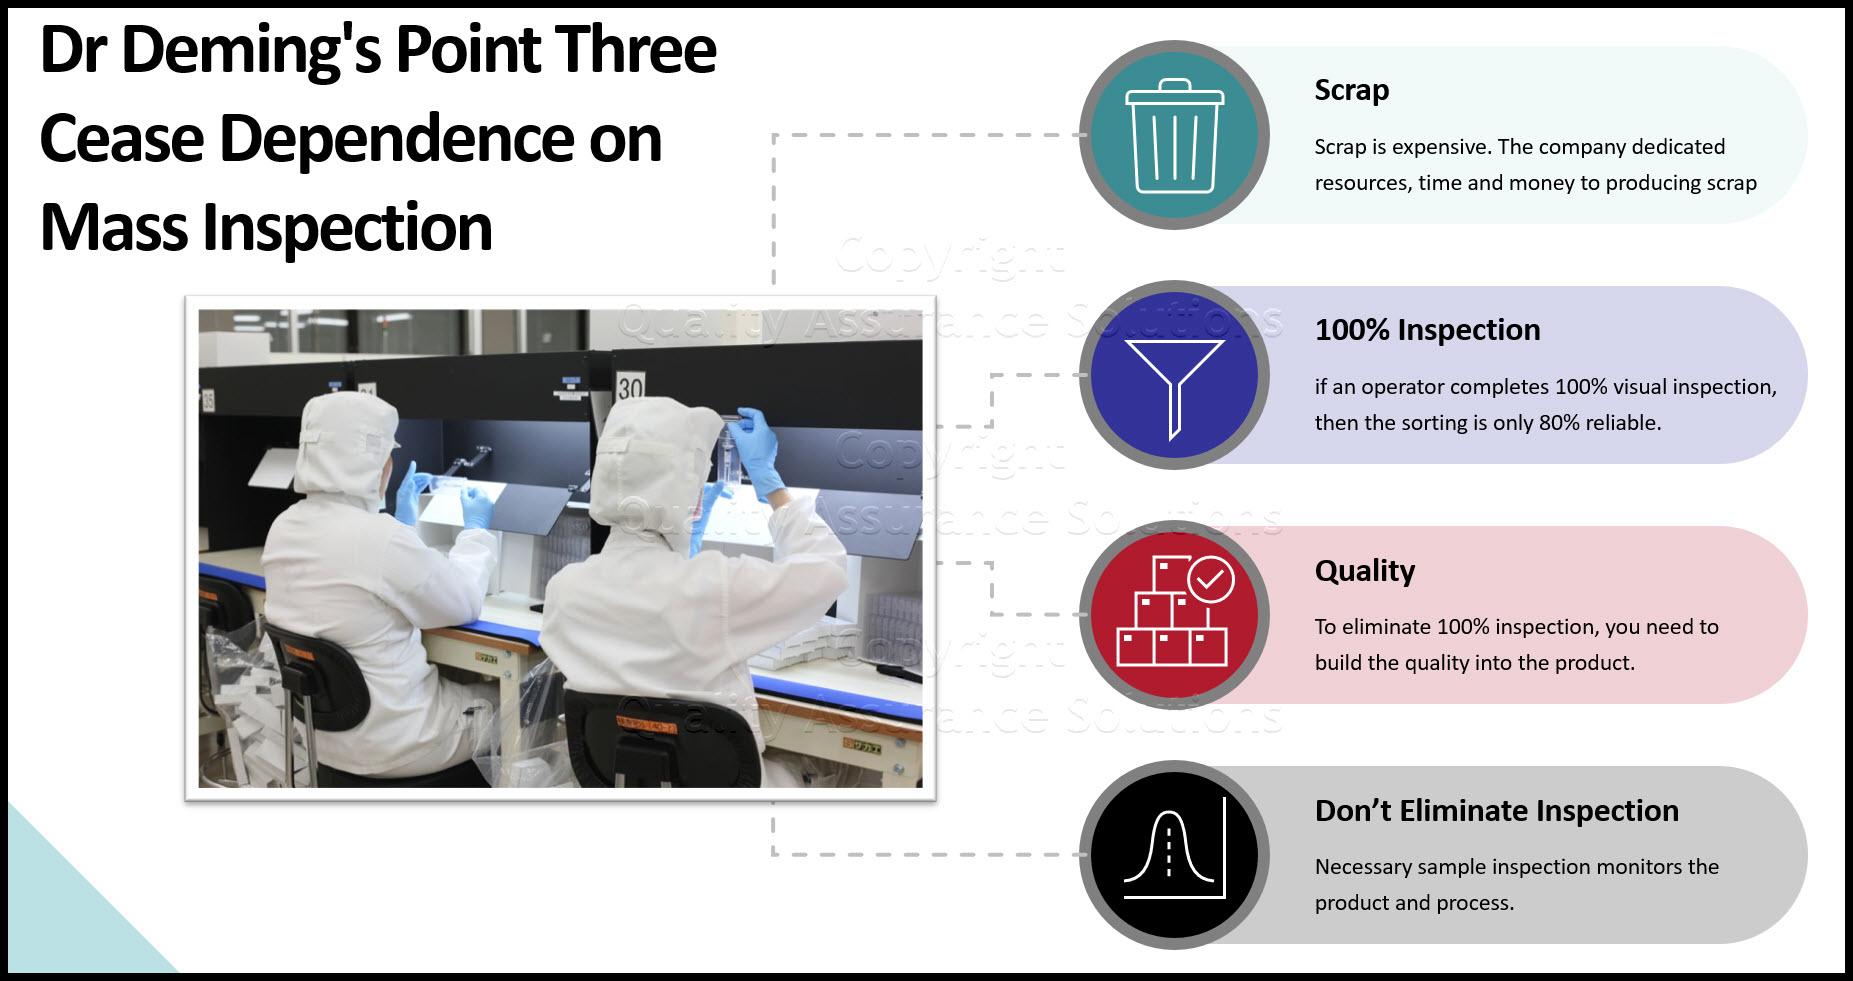 Deming Point 3 slide